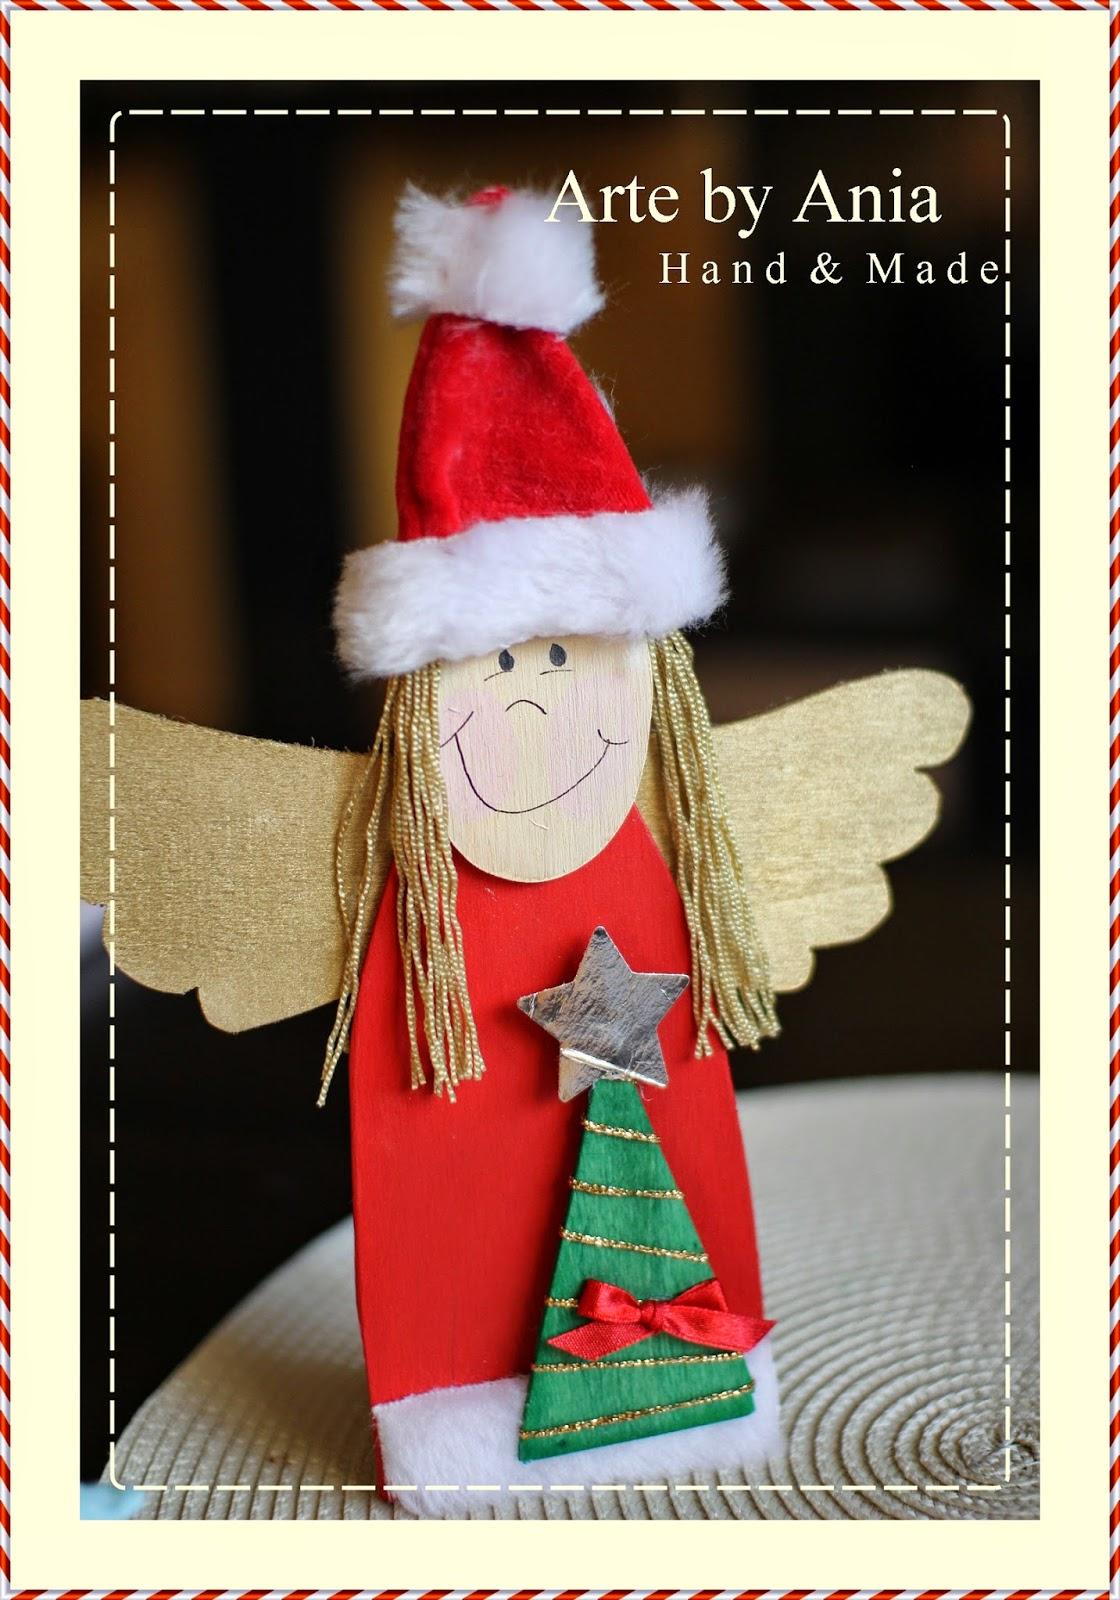 aniołek ręcznie wykonany